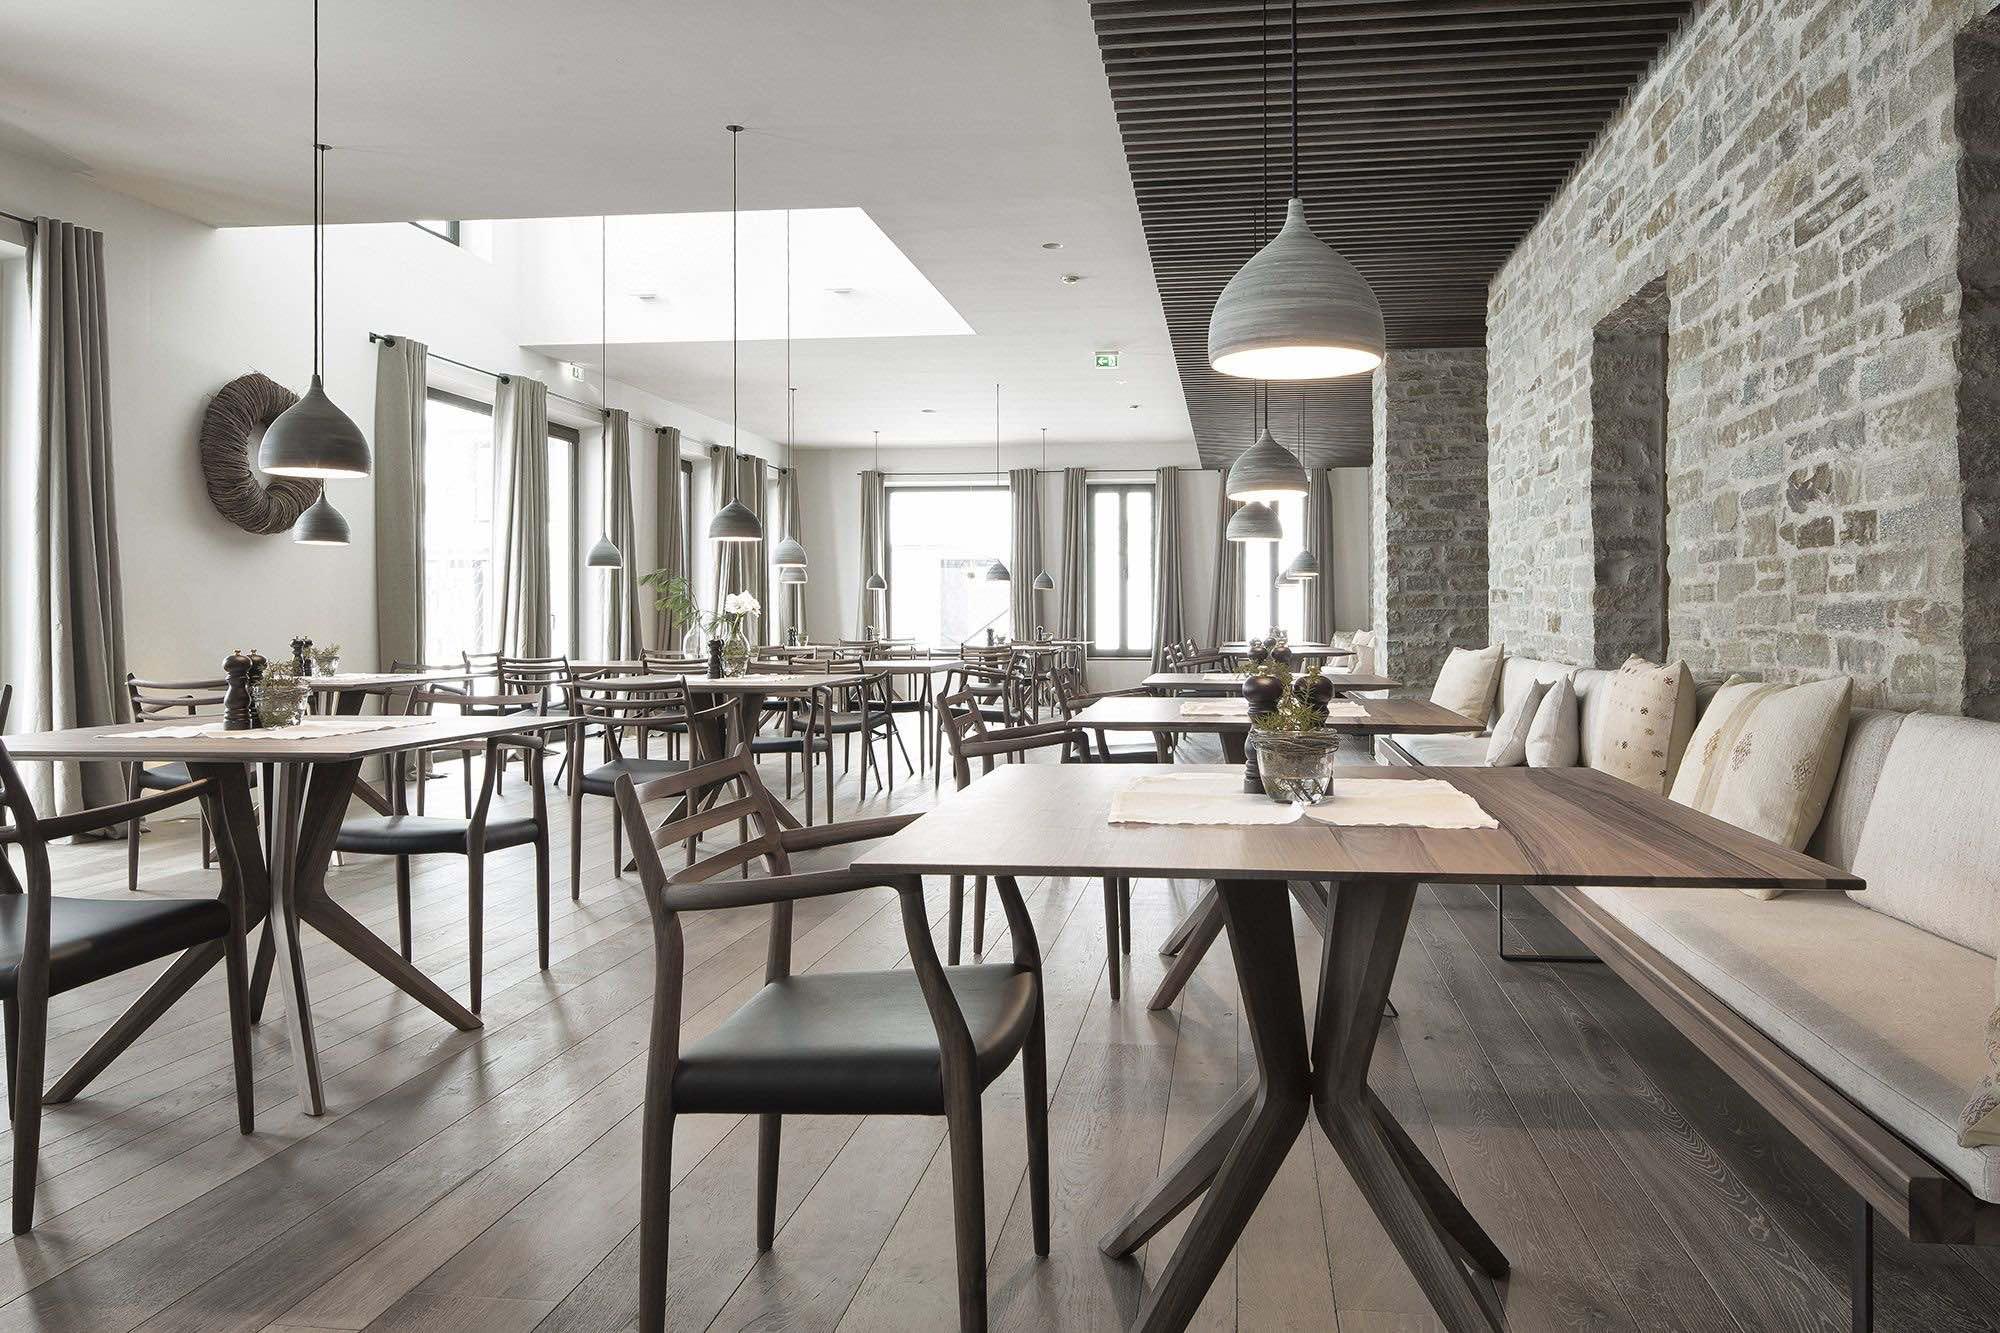 Wiesergut hotel by gogl architekten caandesign for Boutique hotel saalbach